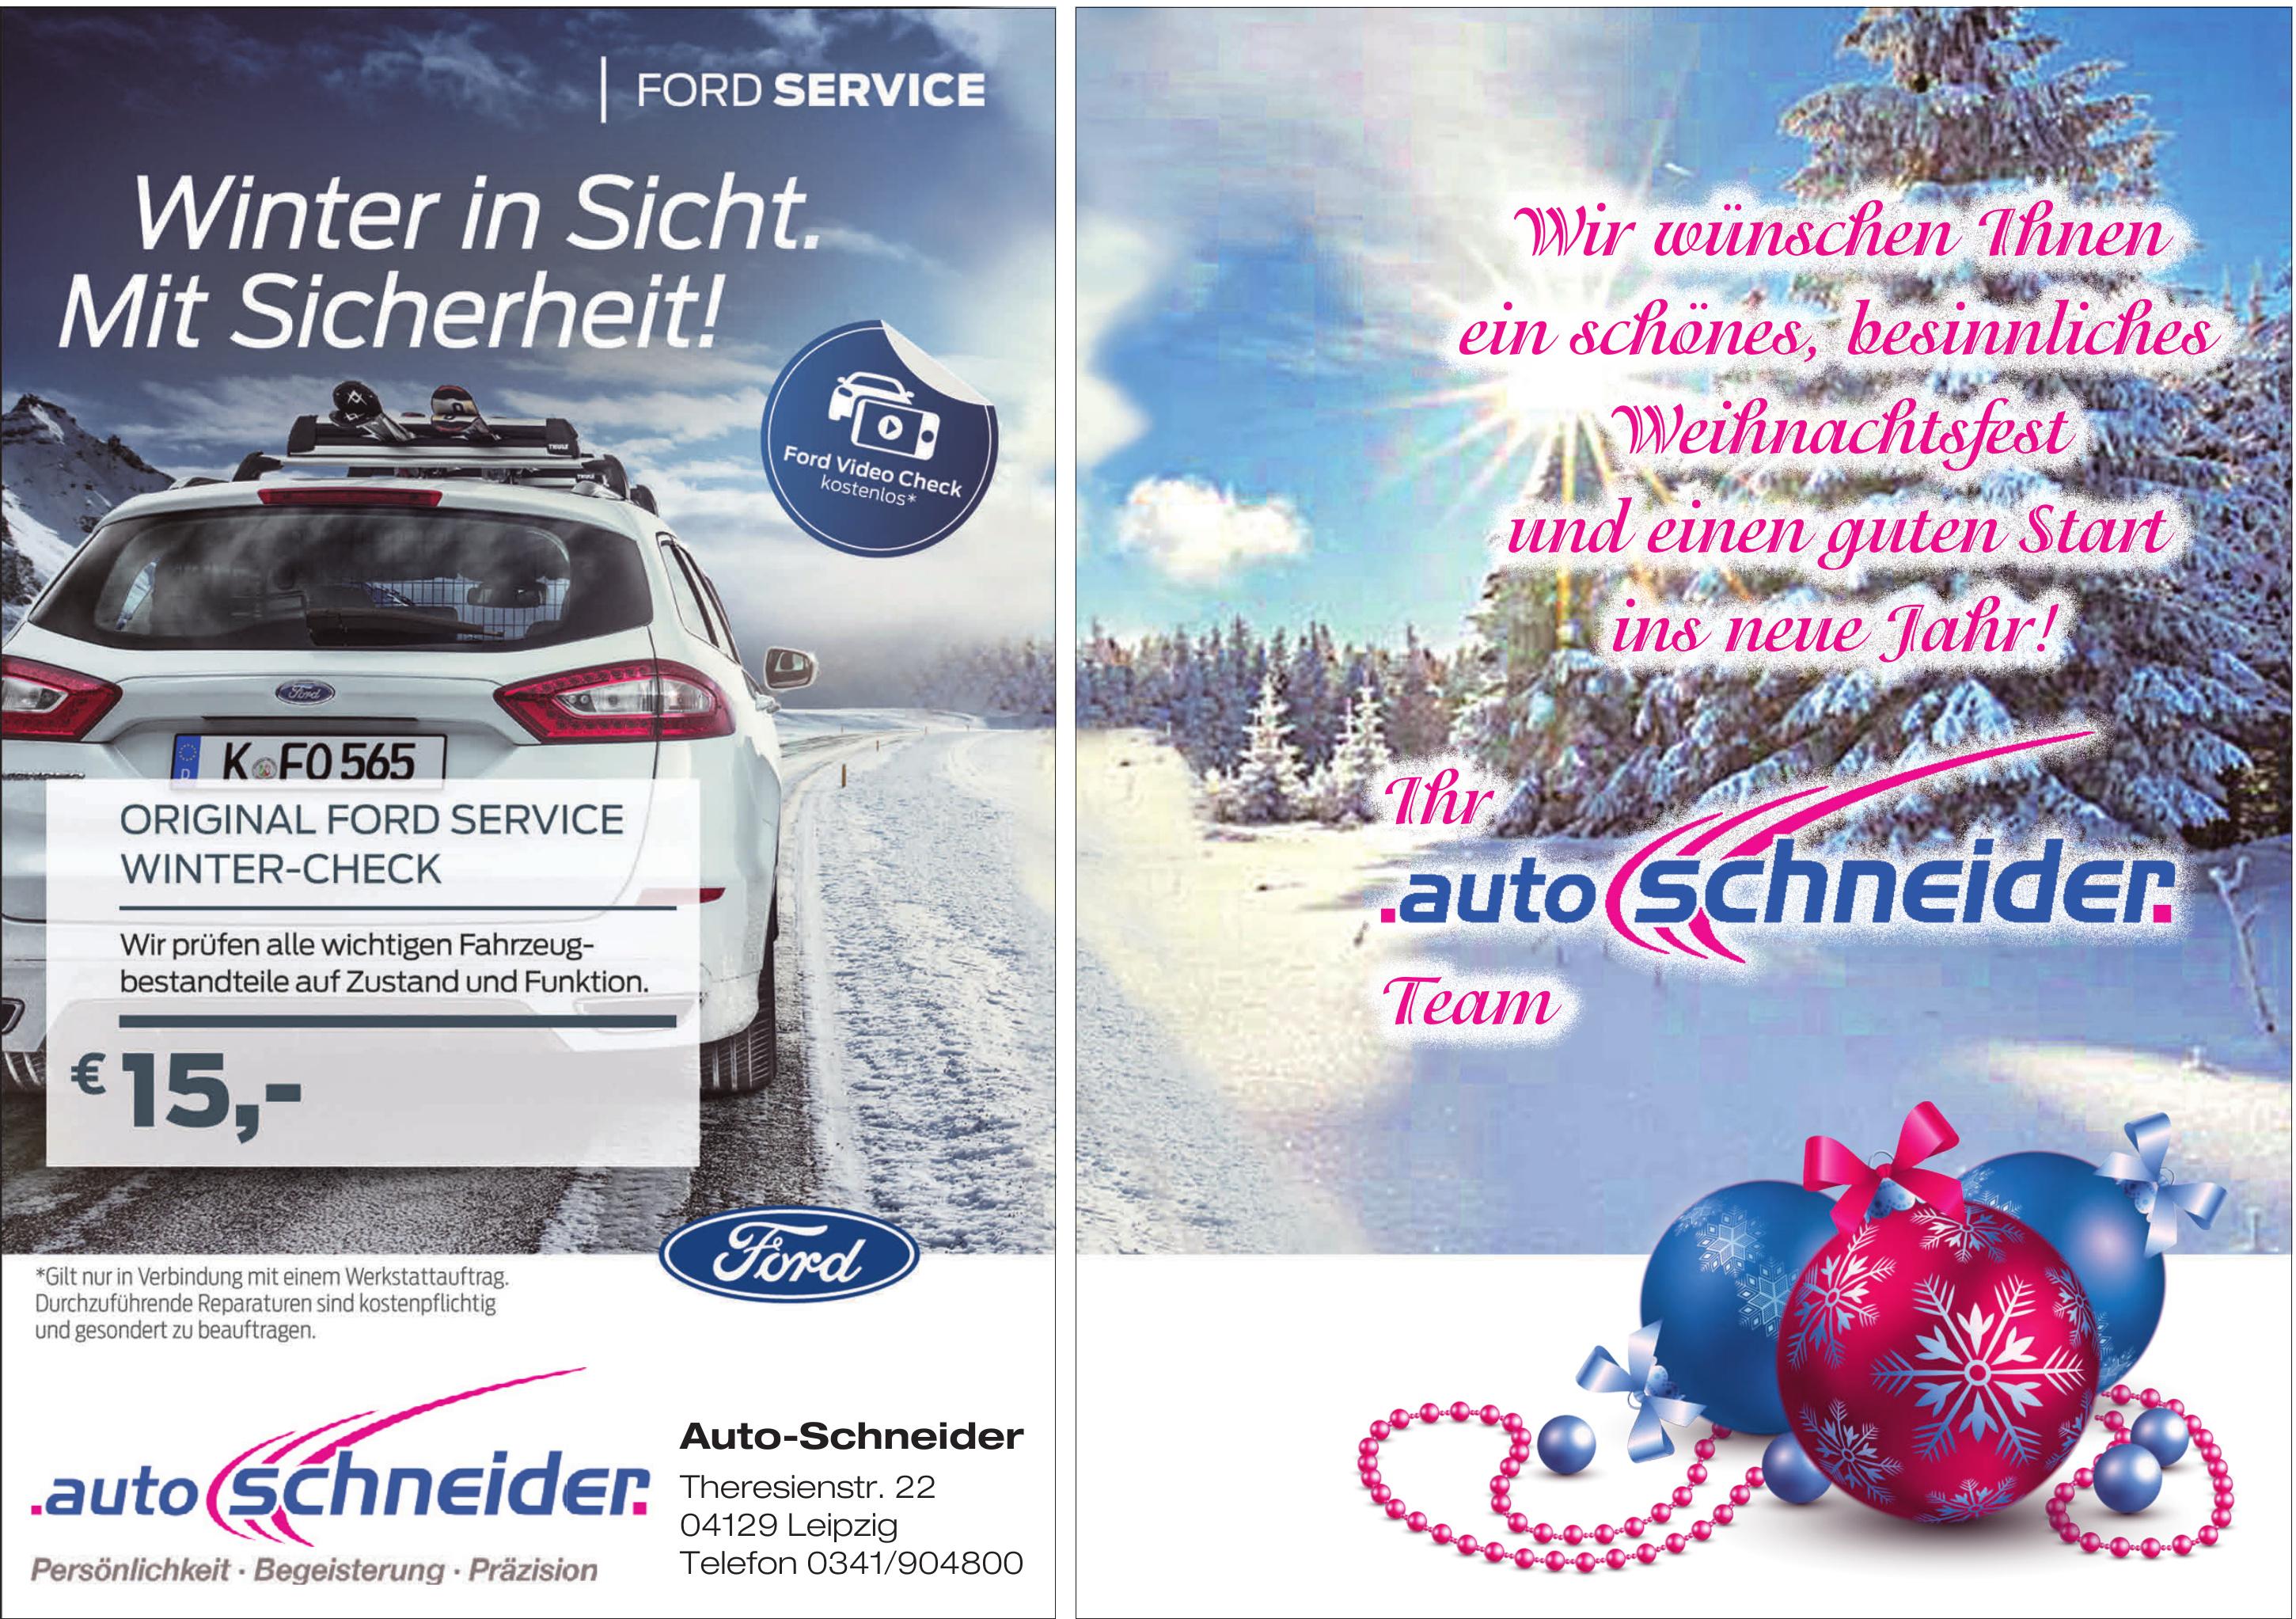 Auto-Schneider